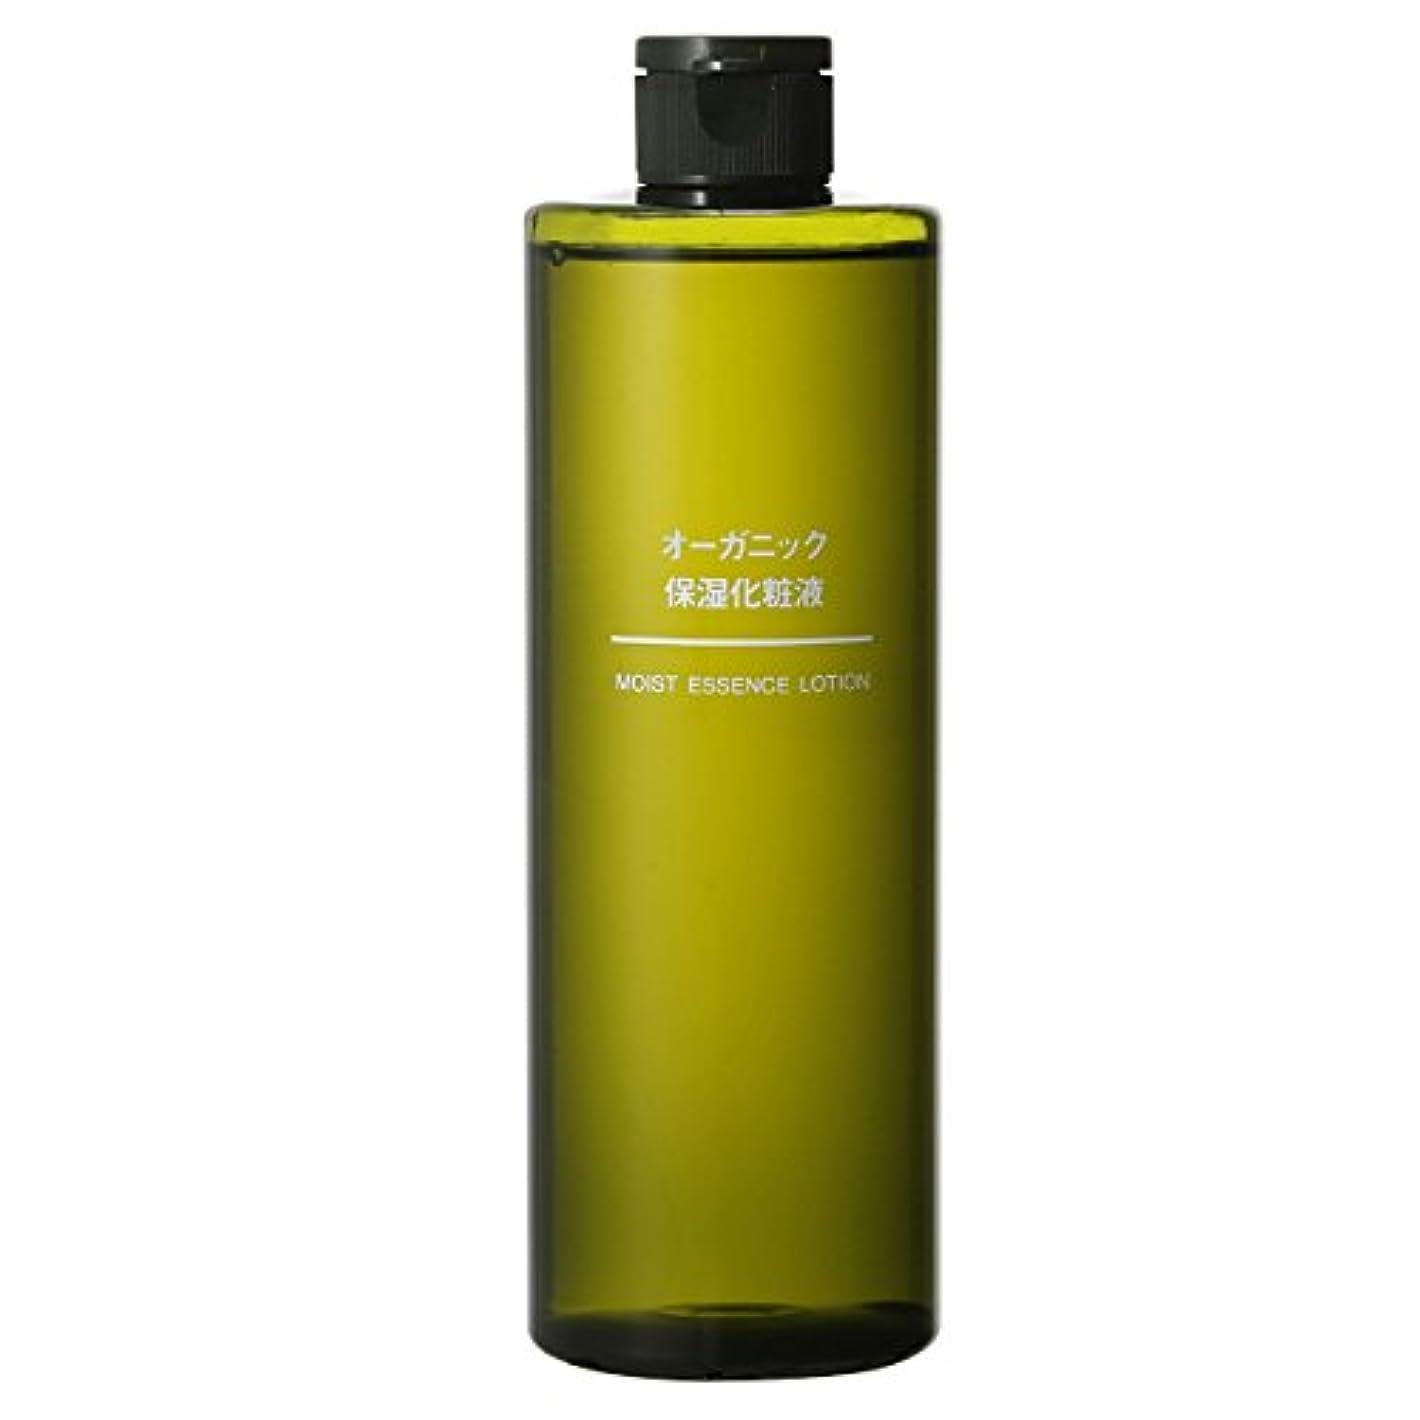 カーフ助けになる回復無印良品 オーガニック保湿化粧液(大容量) 400ml